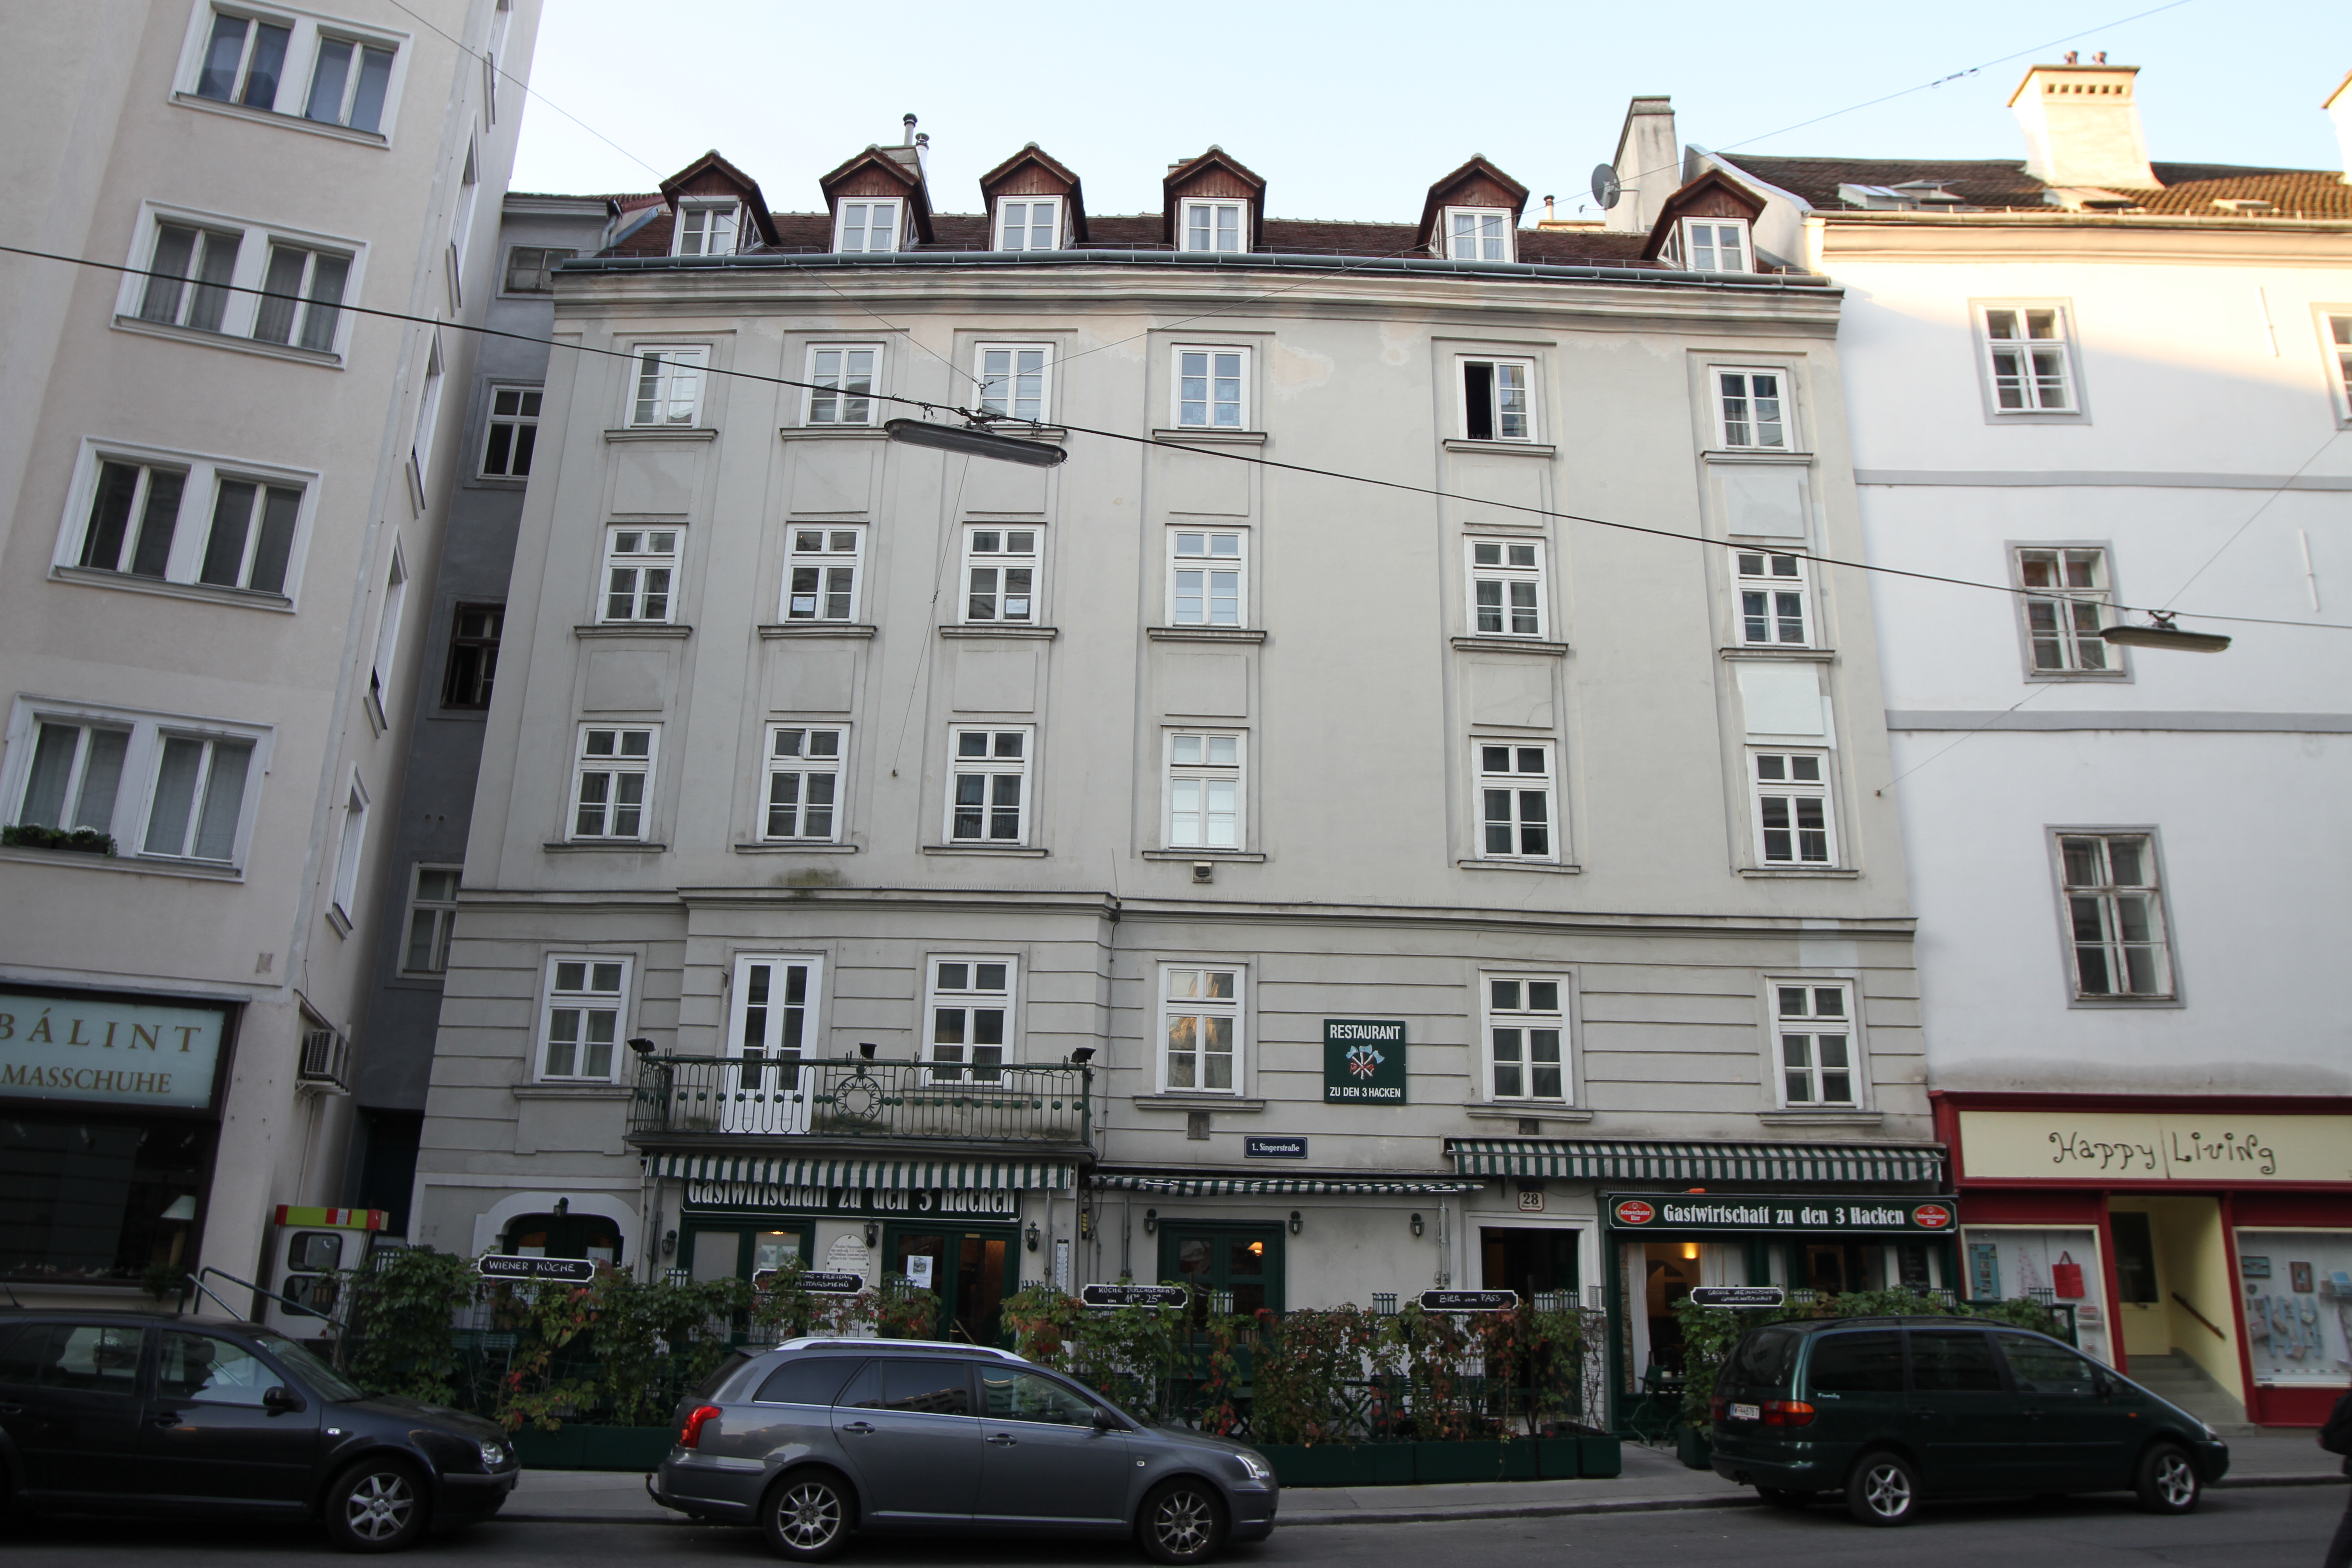 Singerstraße 28-IMG 2981.JPG